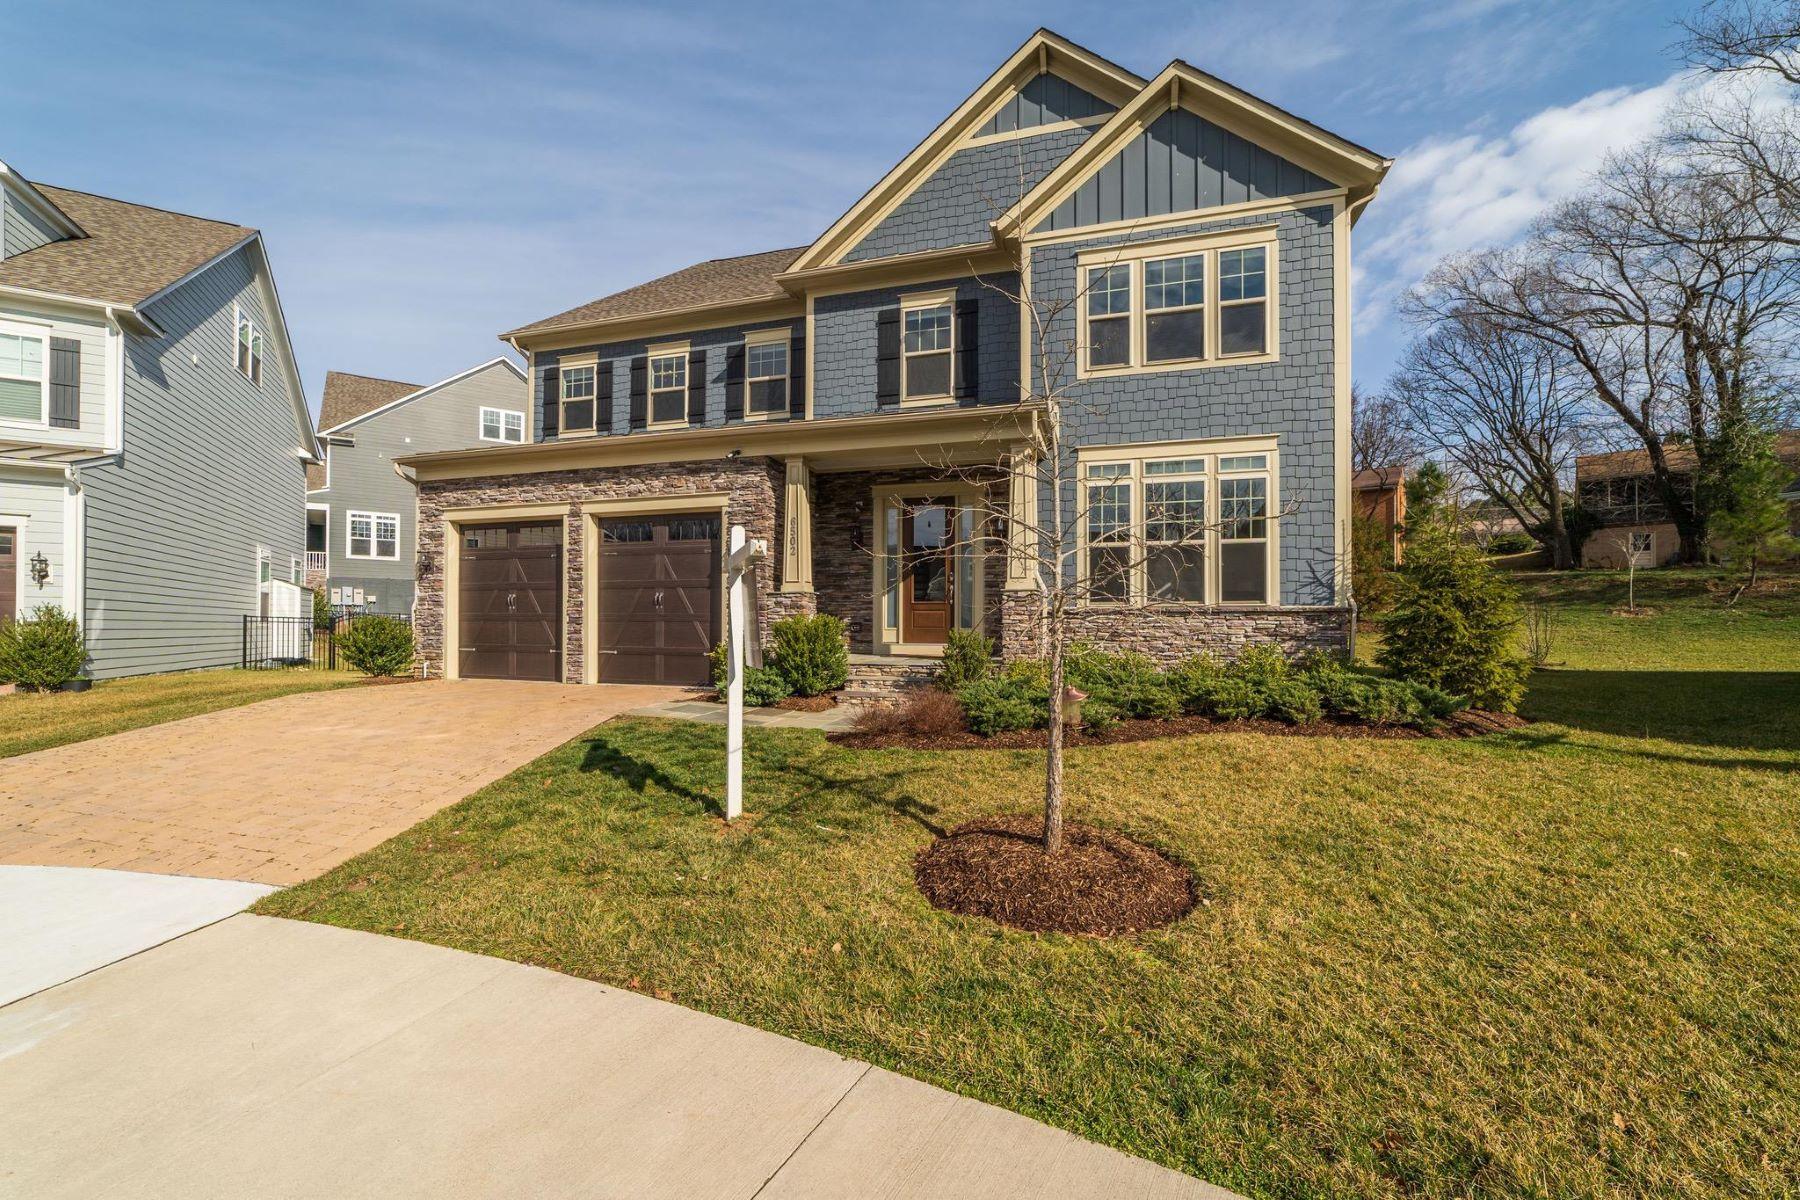 Single Family Homes для того Продажа на Falls Church, Виргиния 22043 Соединенные Штаты